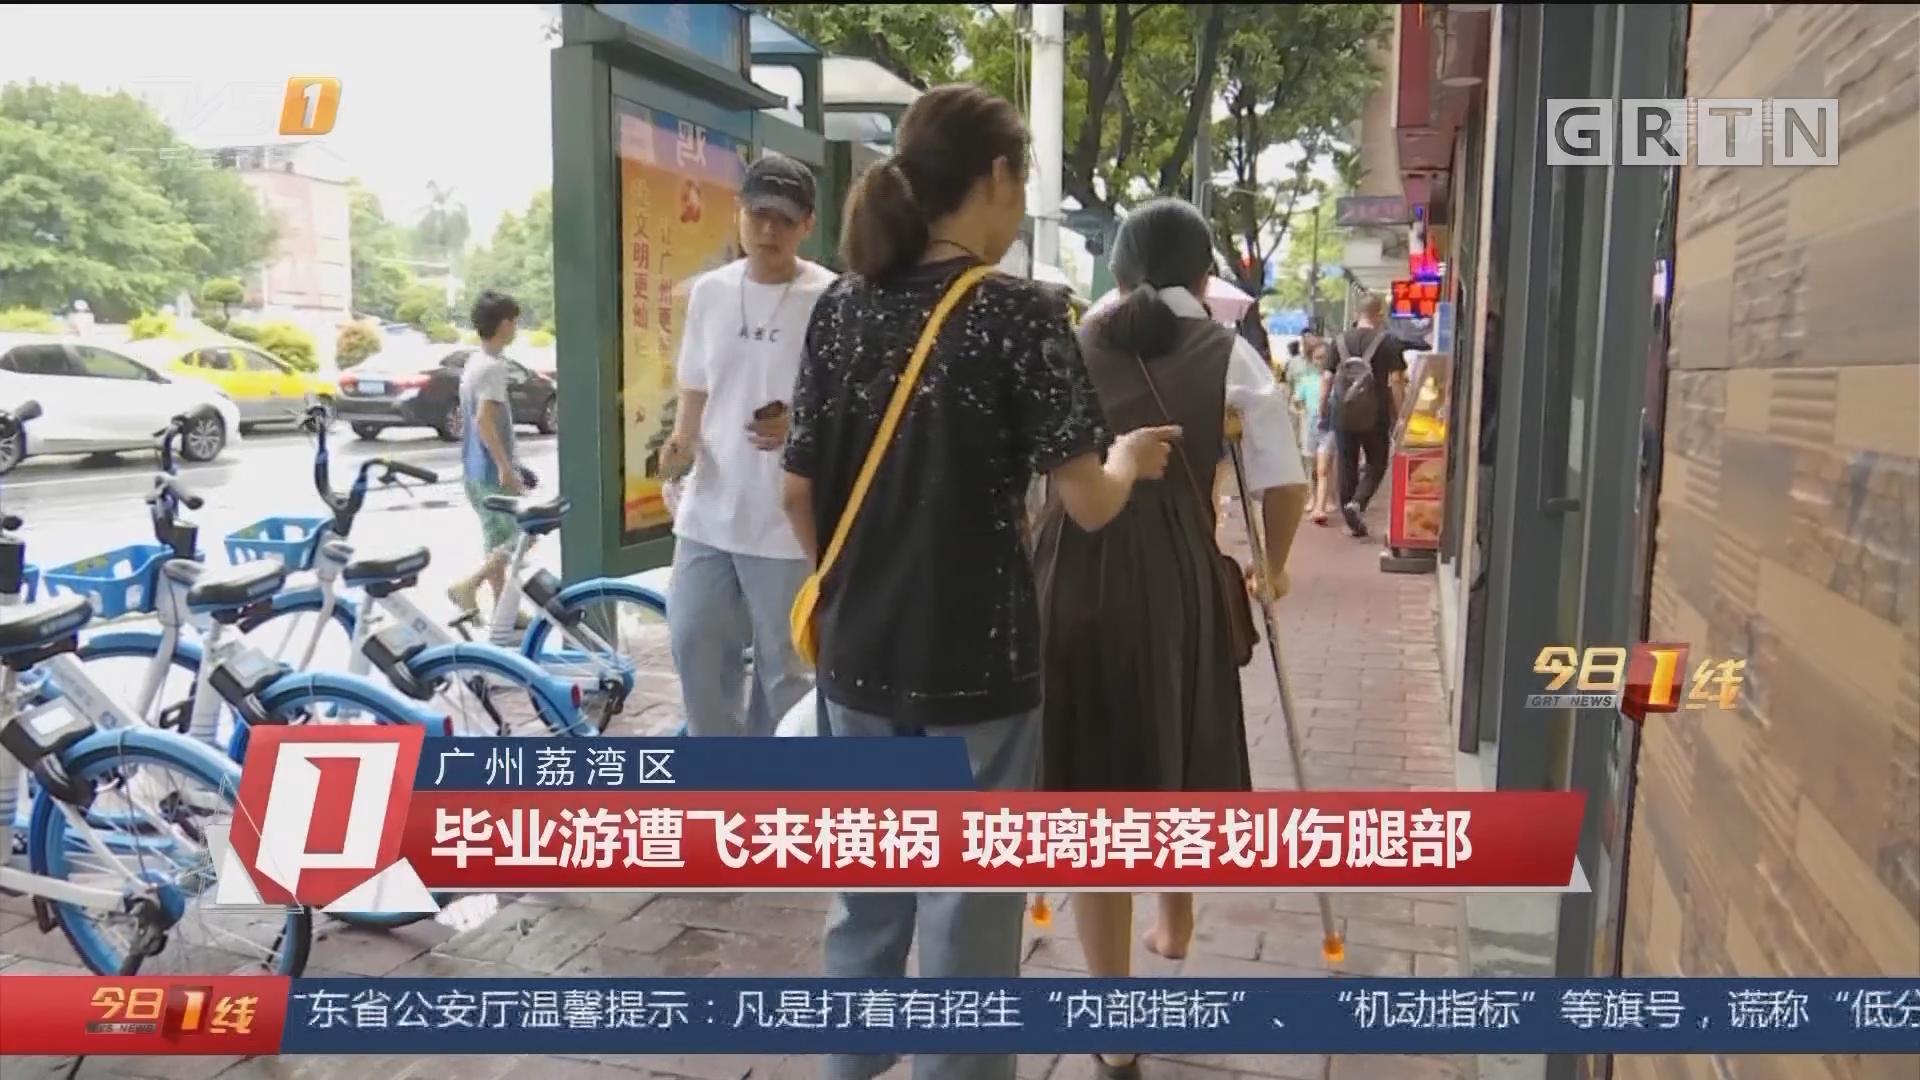 广州荔湾区:毕业游遭飞来横祸 玻璃掉落划伤腿部